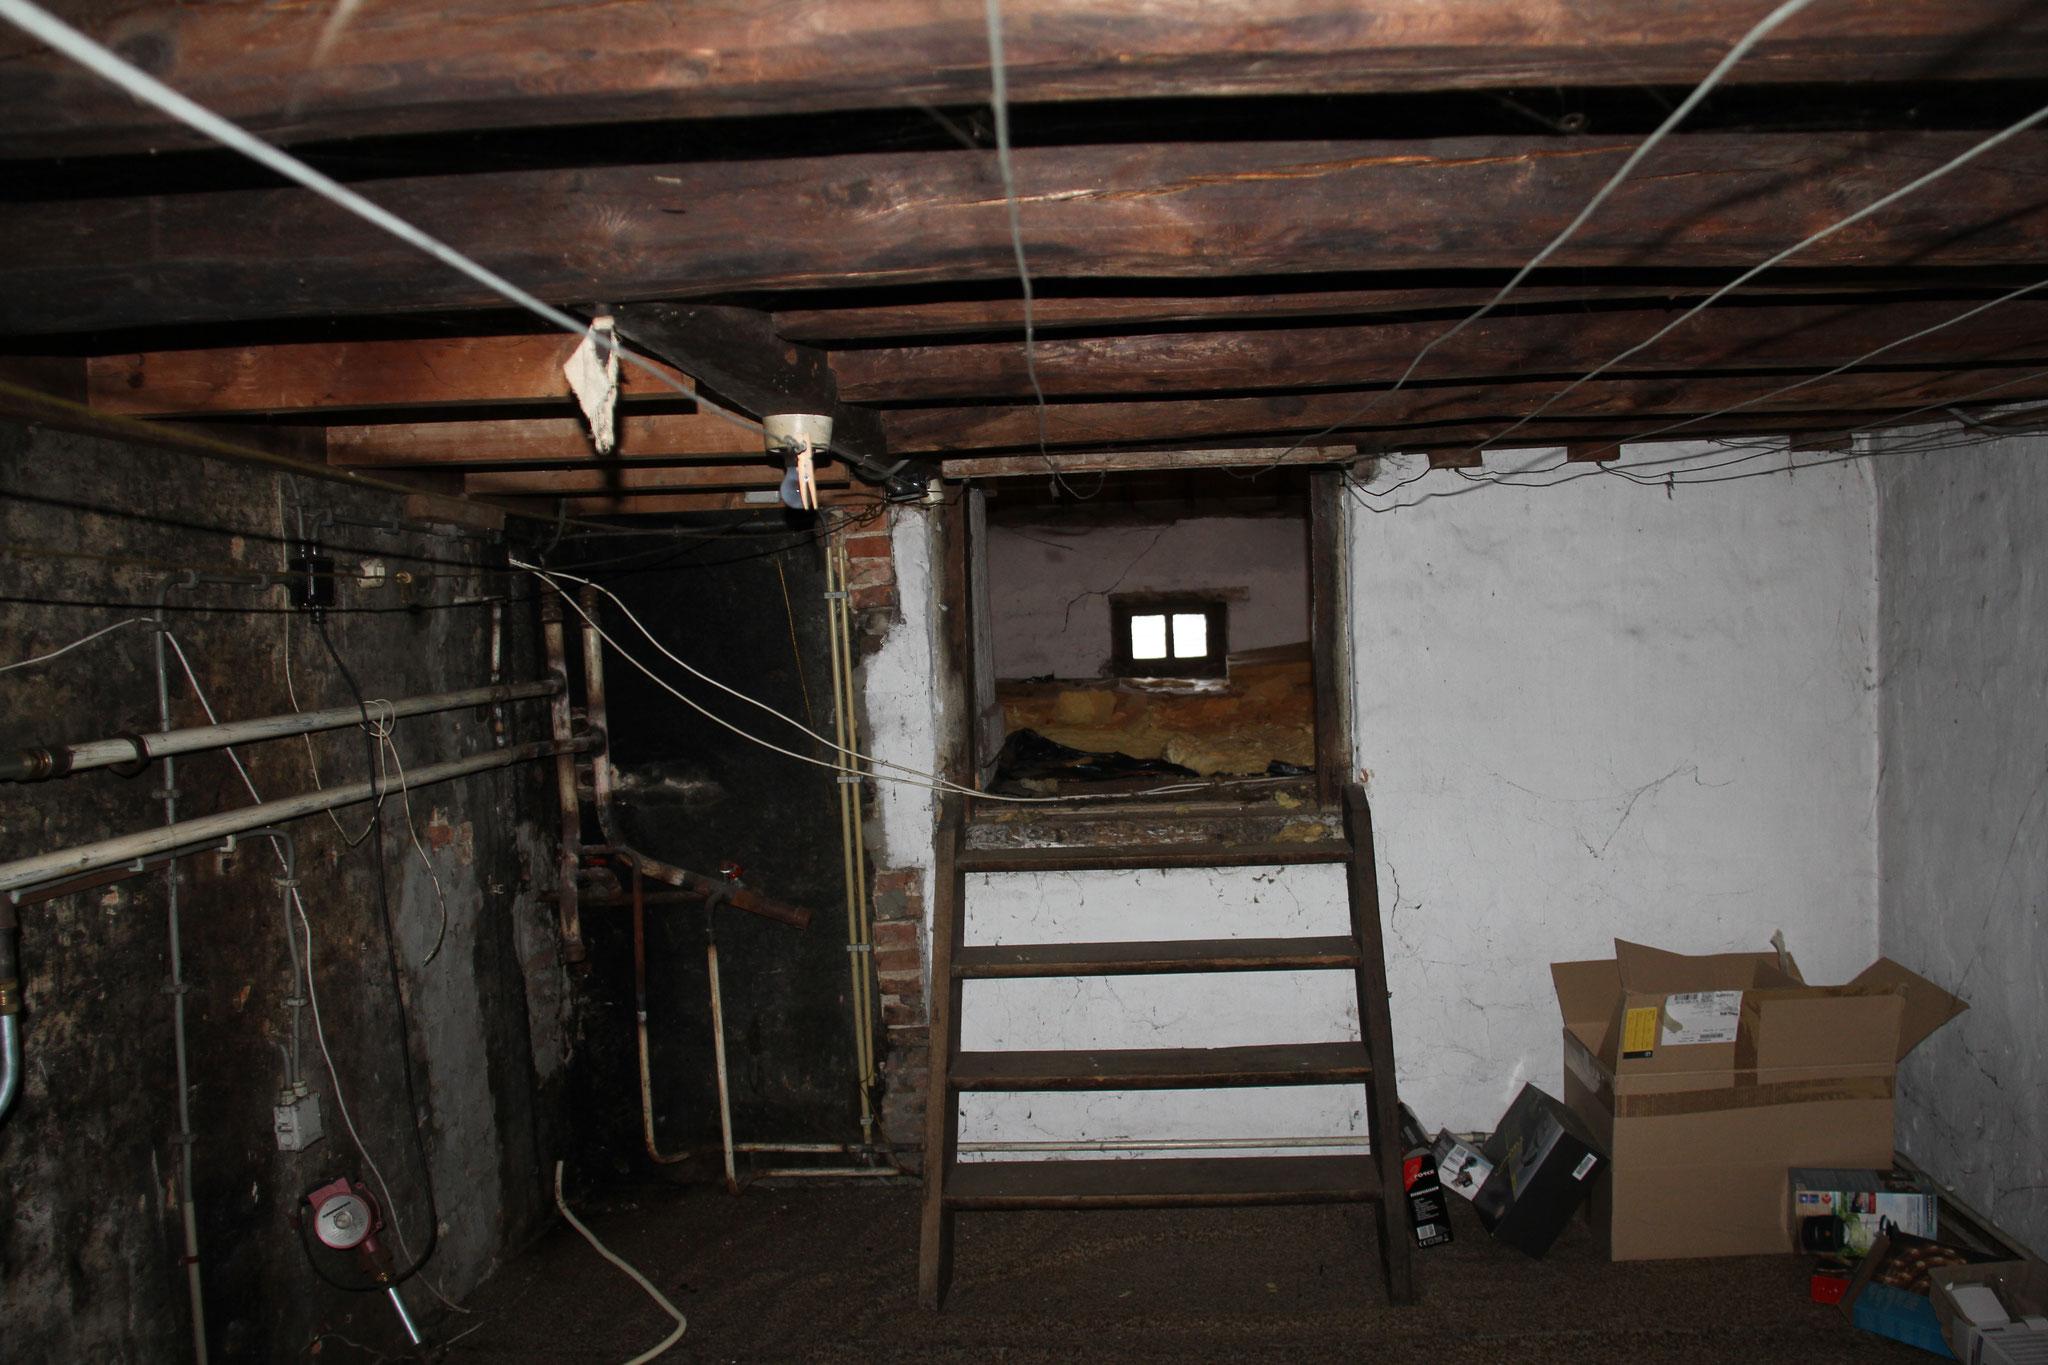 Tussenverdieping: latere toevoeging onder andere herkenbaar aan rondhouten naaldhouten balklaag.